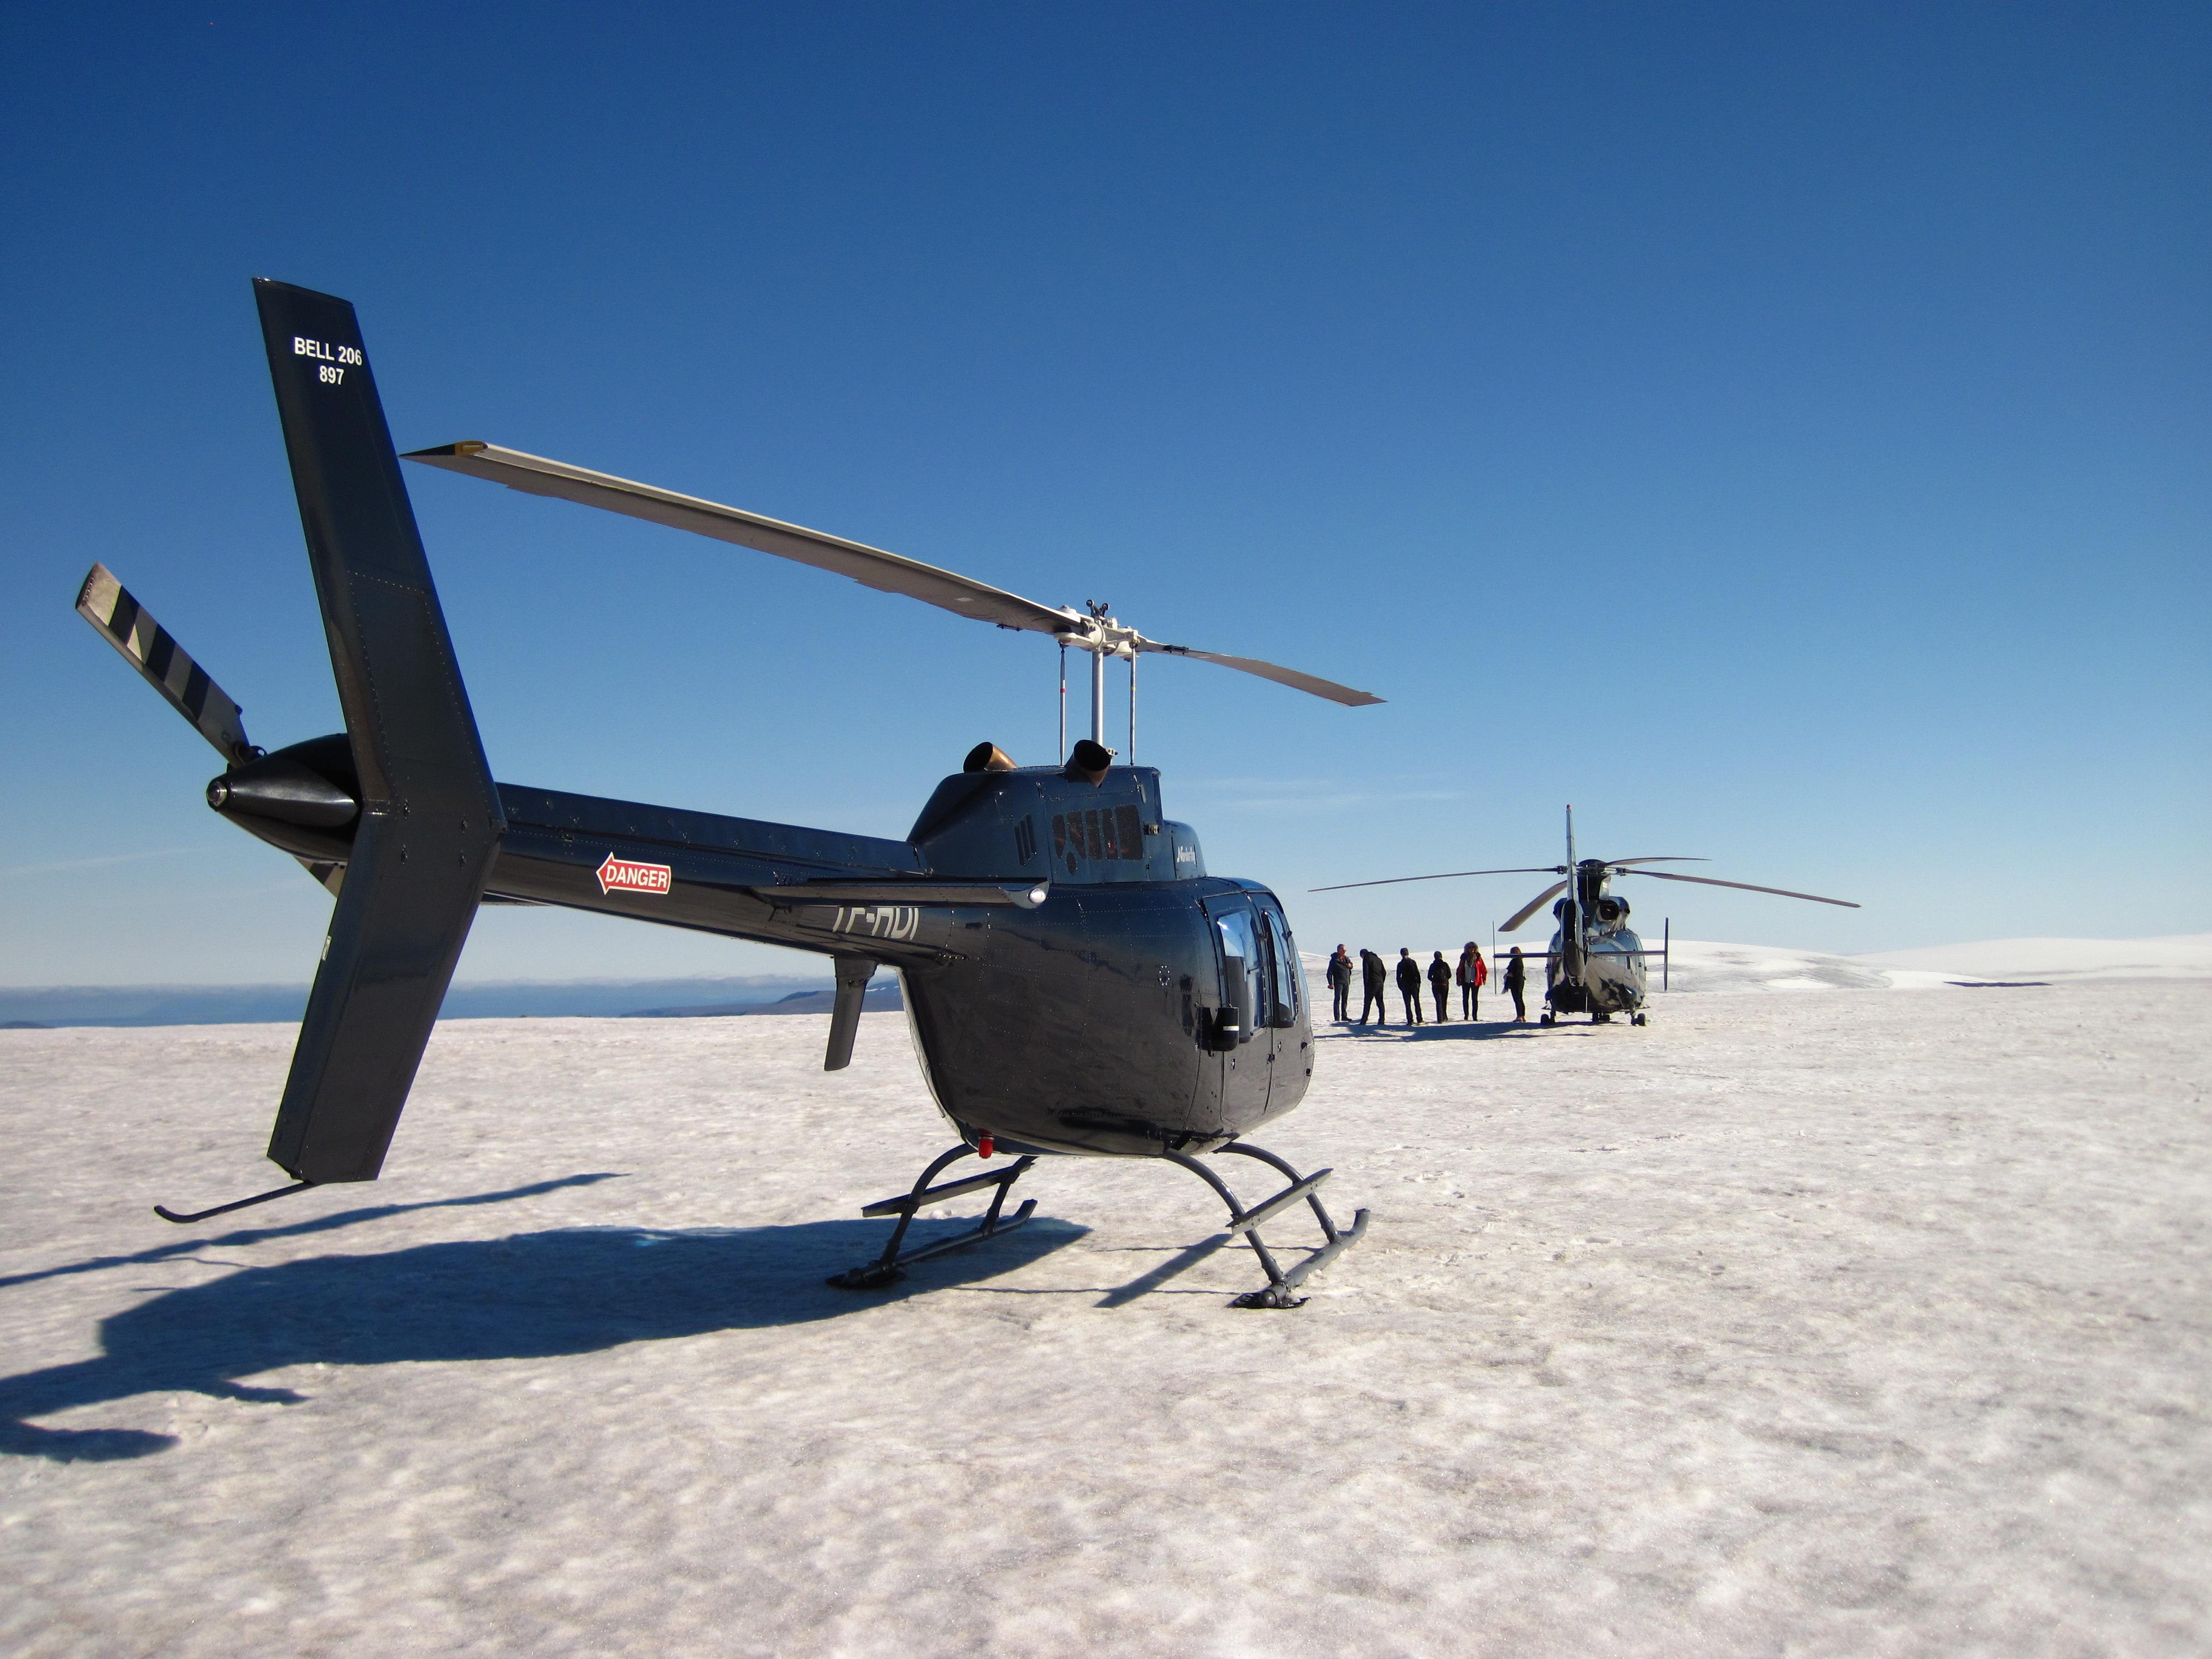 Hvorfor delta på brevandring når du ganske enkelt kan ankomme i helikopter?